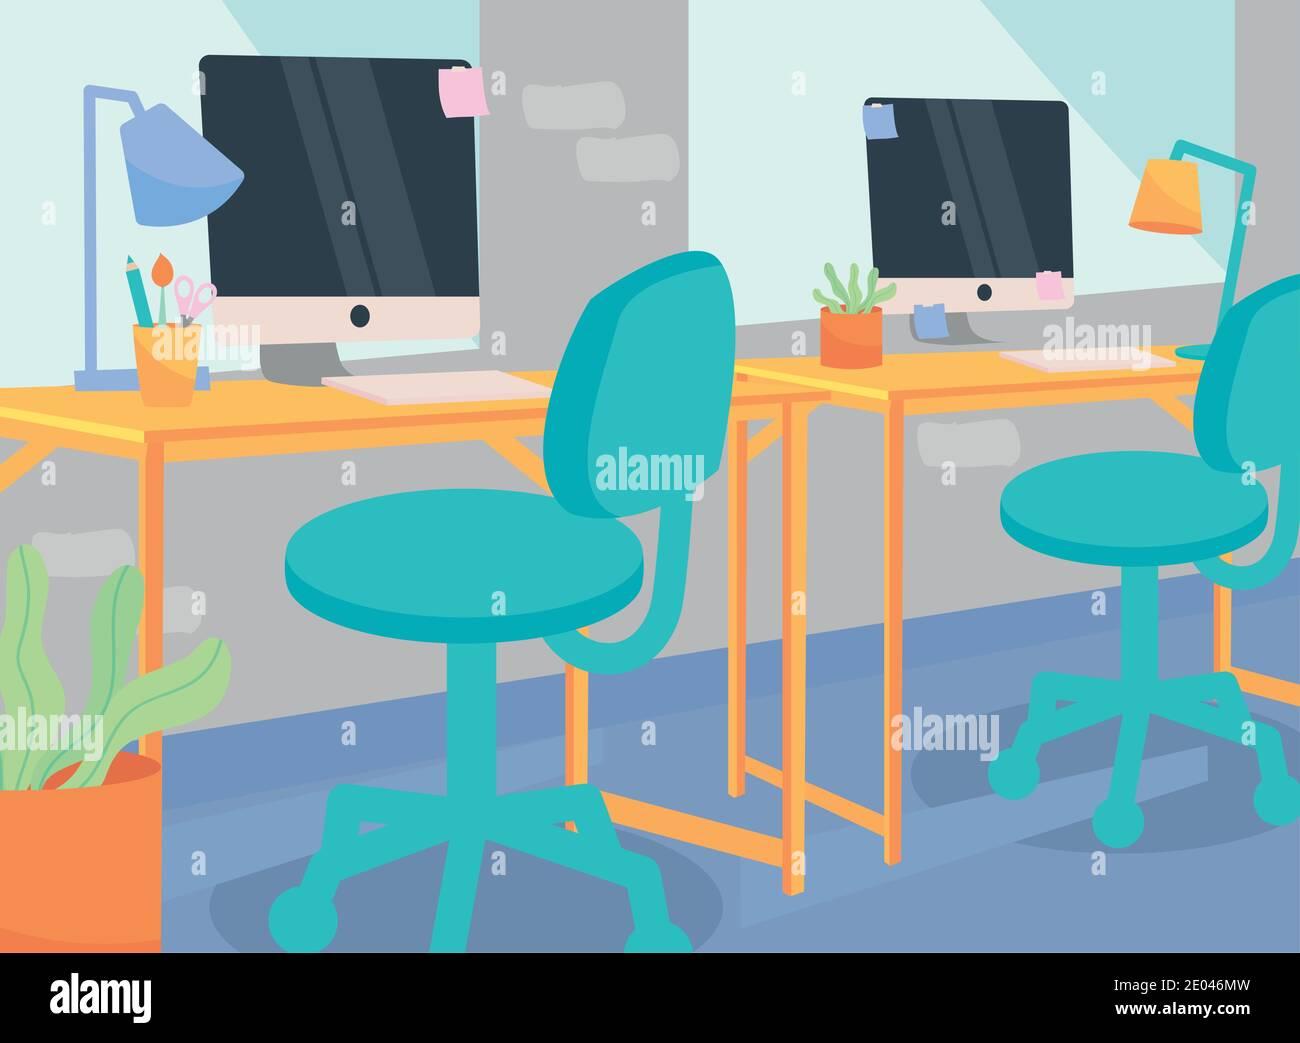 Espace de travail avec bureaux conception de lampes et de chaises d'ordinateur, bureau de travail et de télétravail thème illustration vectorielle Illustration de Vecteur